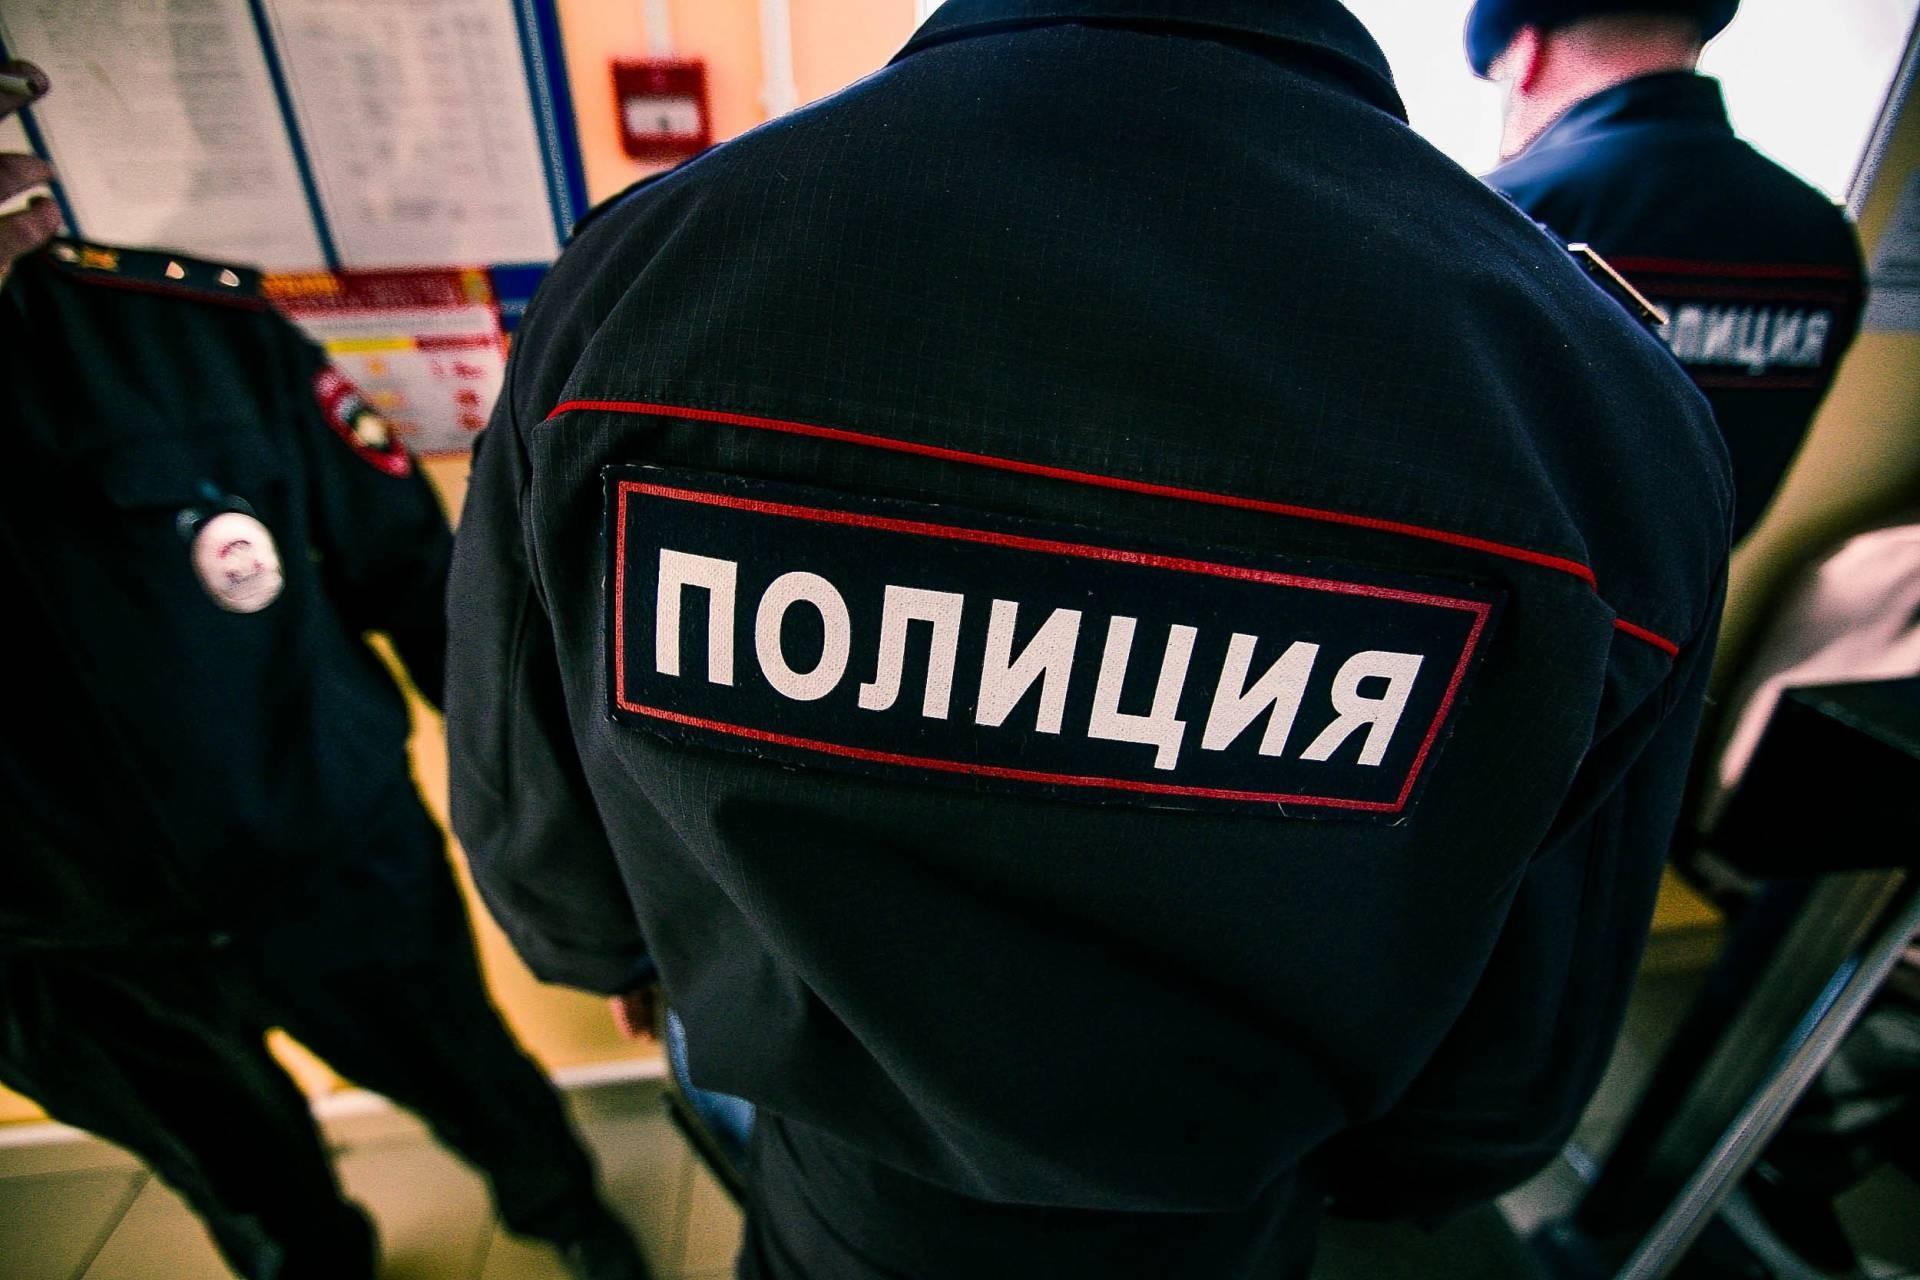 Гражданин Петербурга вызвал полицию, спасая супругу отлюбовника